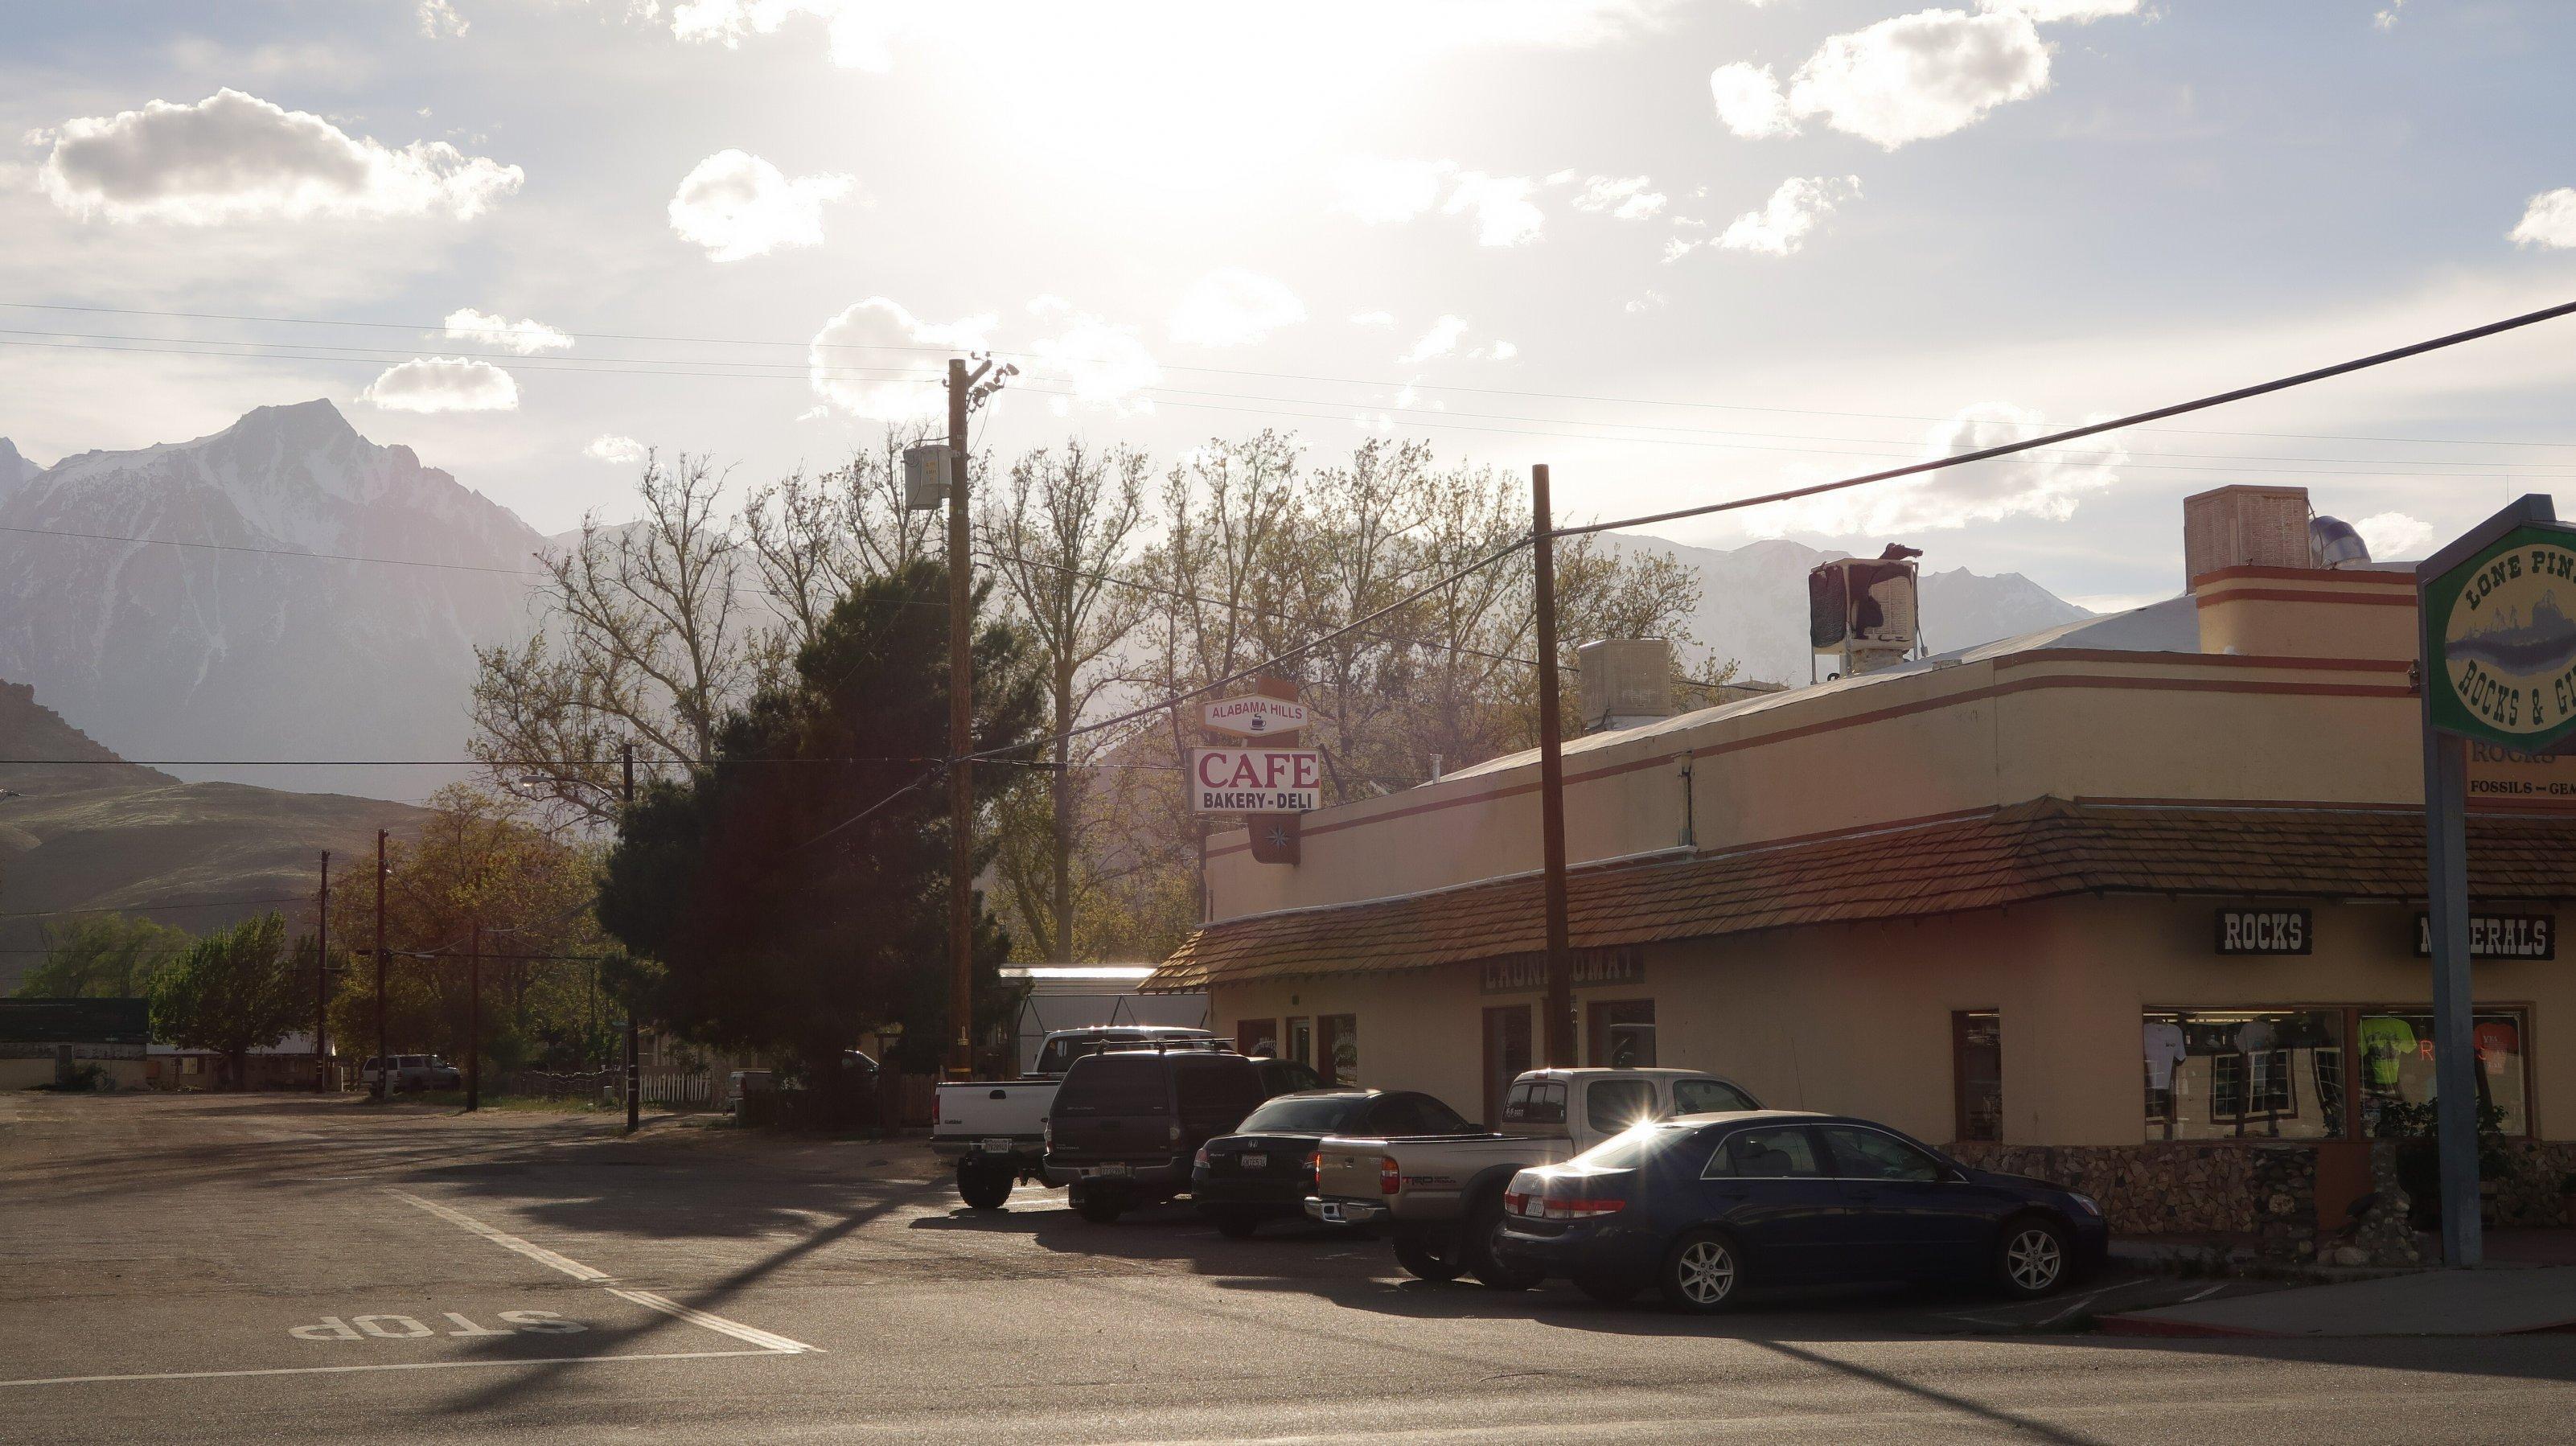 Vor einem Café parken Autos. Im Hintergrund ist ein Gebirge zu sehen.